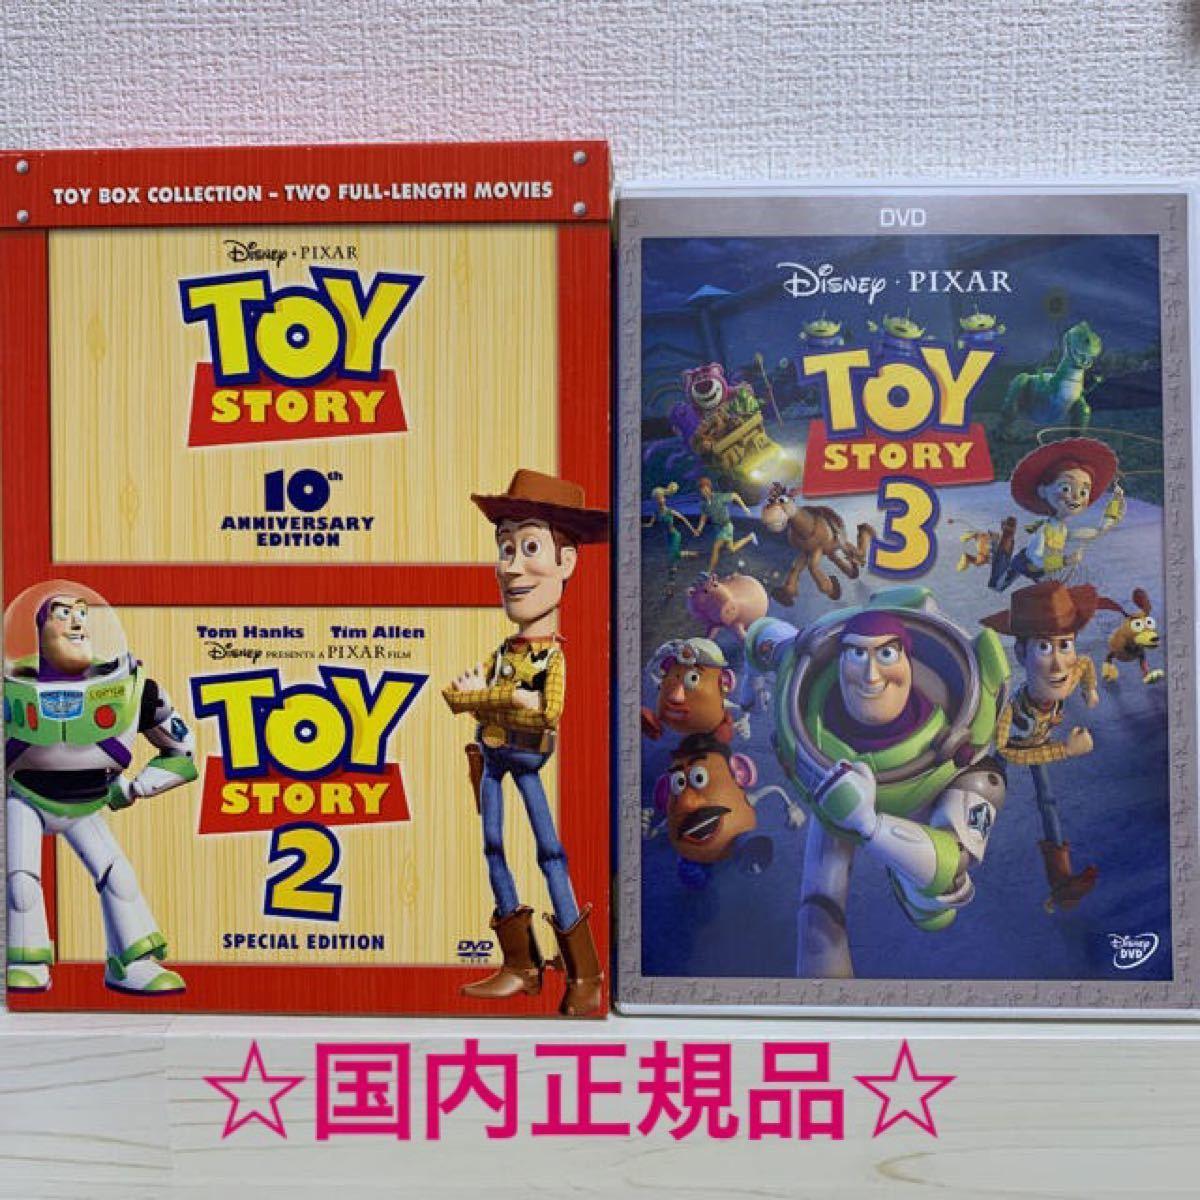 ☆★レア美品★☆エディション限定盤トイ・ストーリー 1&2、3 DVDセット 国内正規品